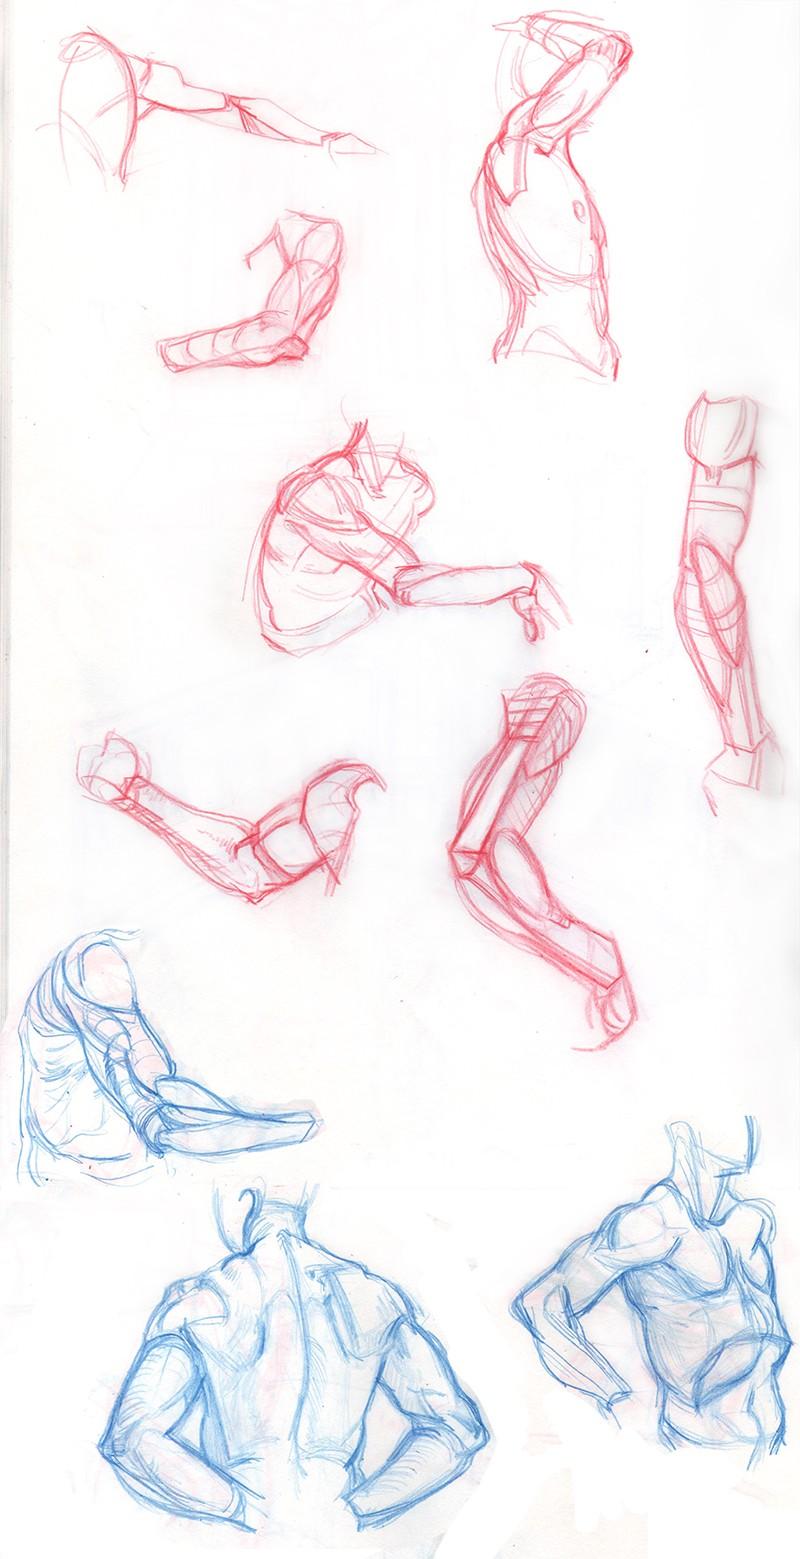 [Image: sketch14.jpg]